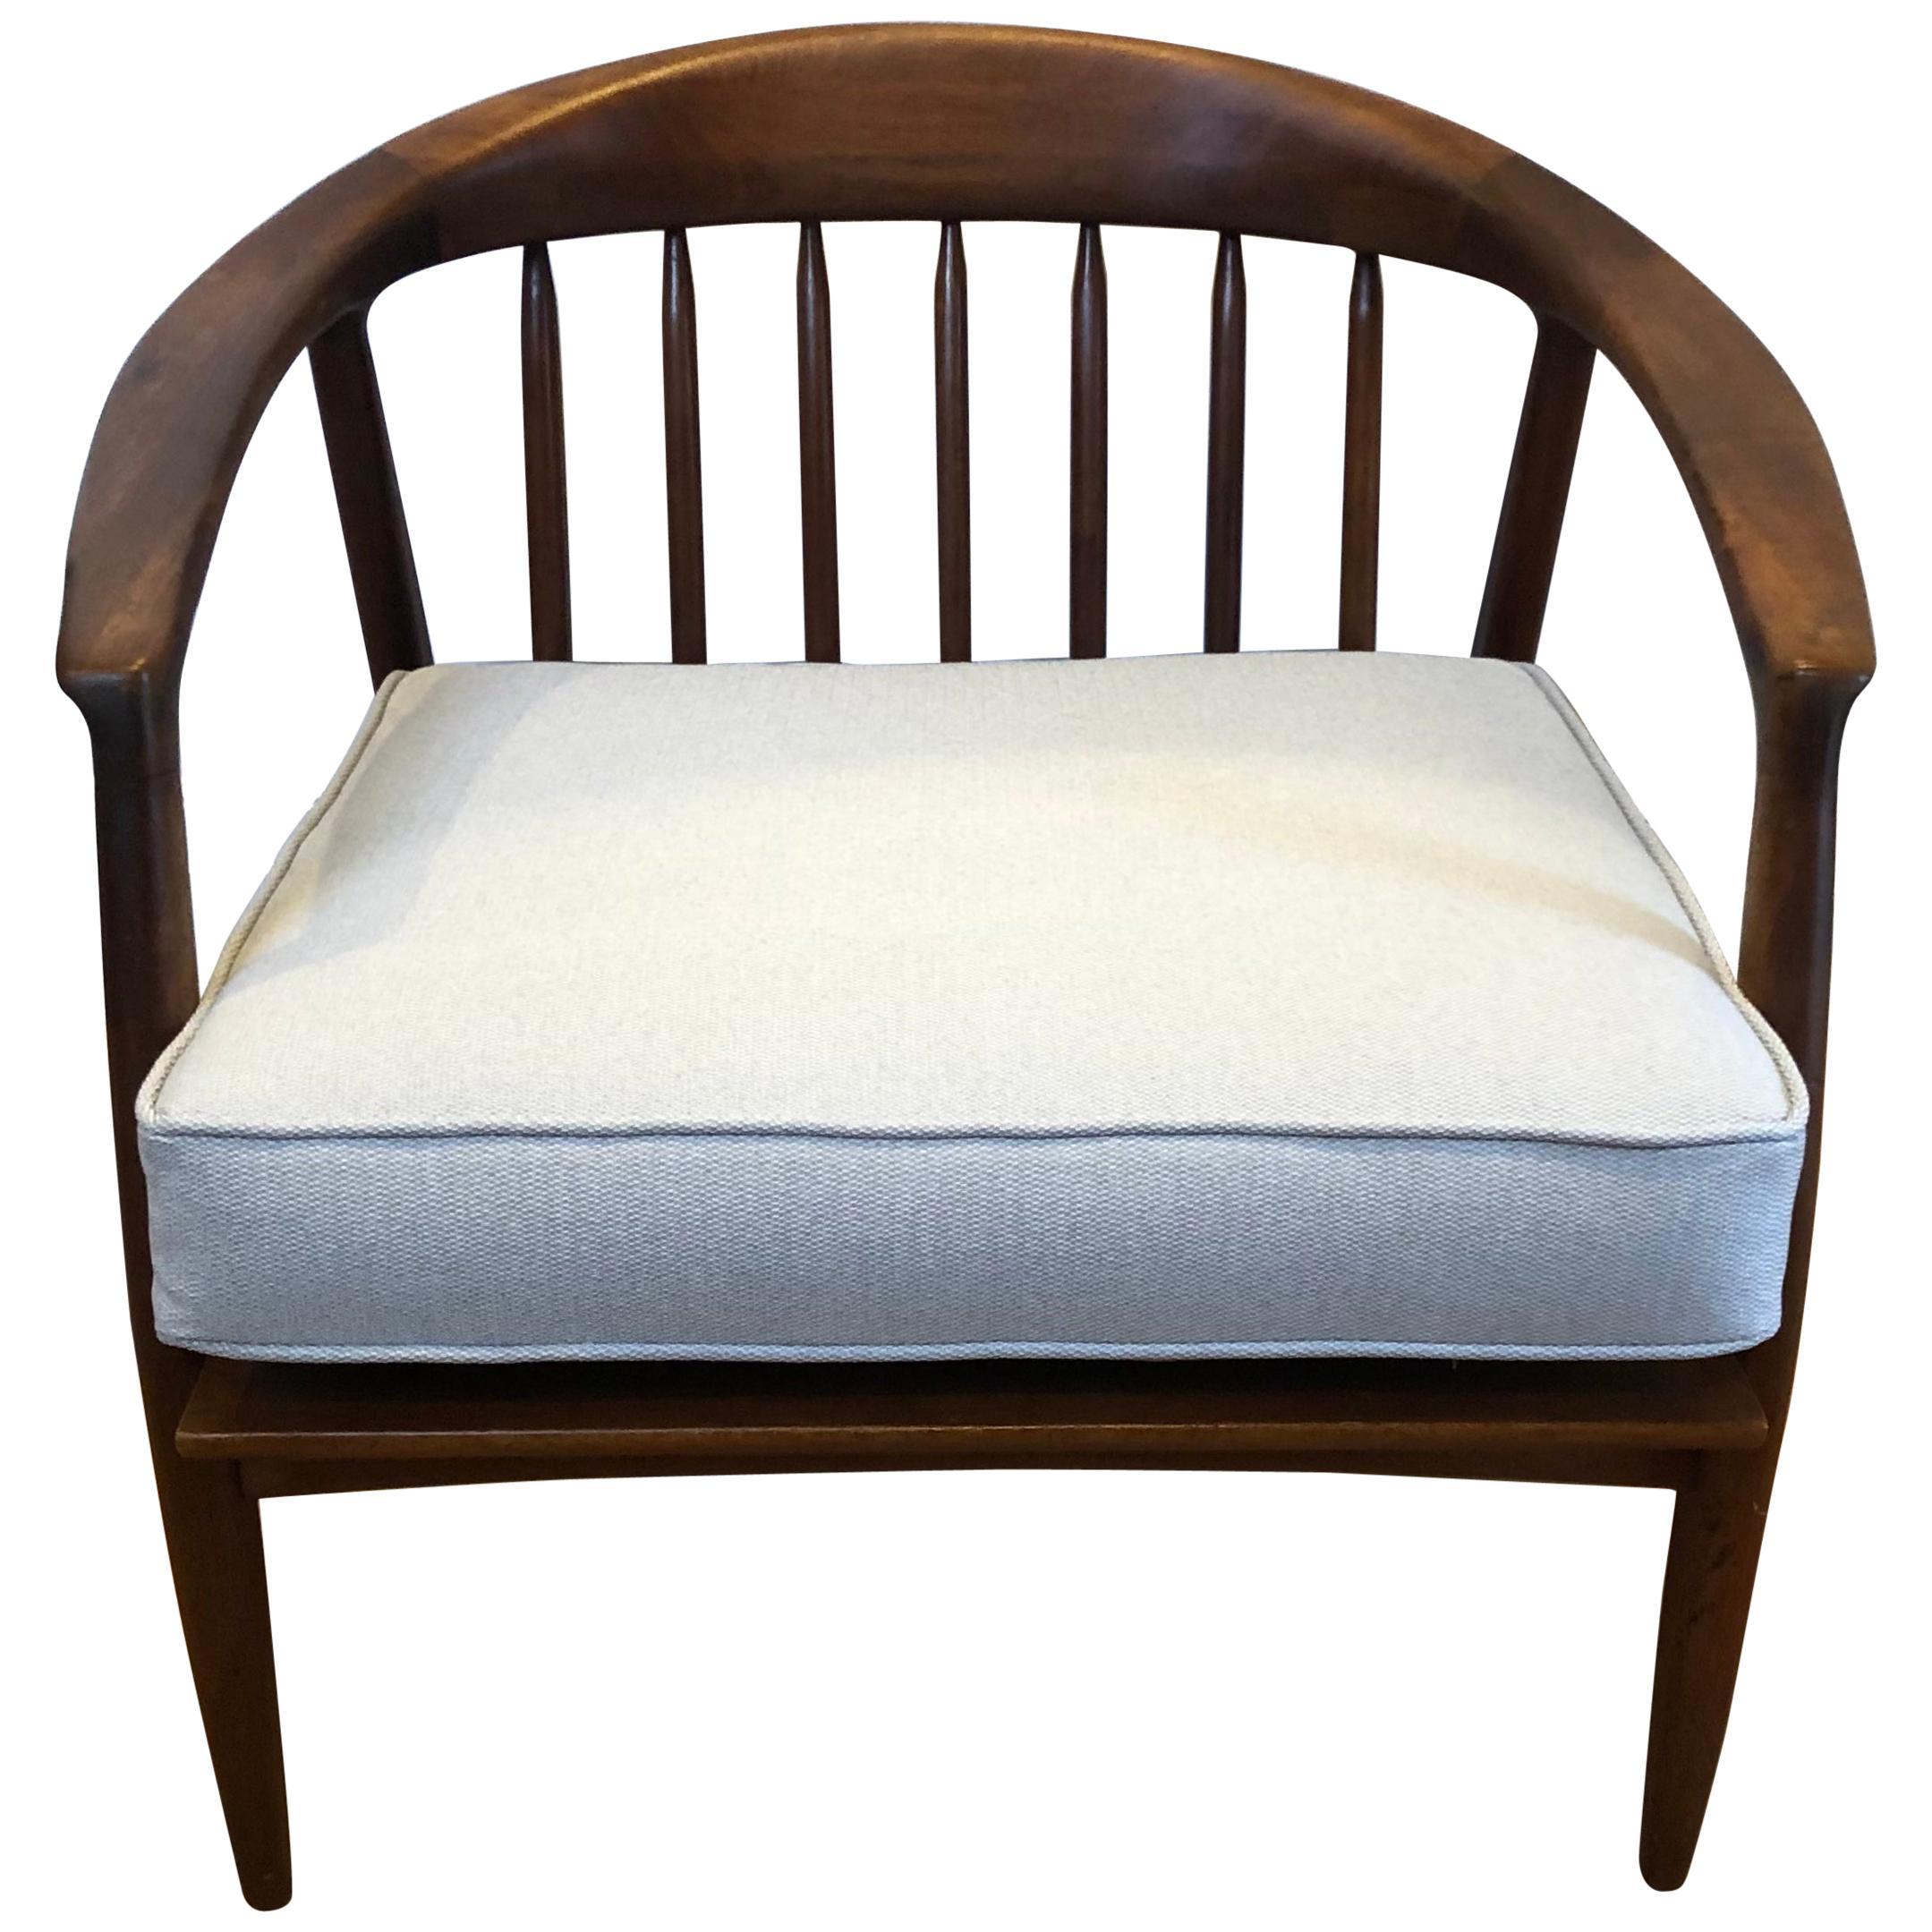 Midcentury Lounge Chair, Folke Ohlsson for DUX, Teak